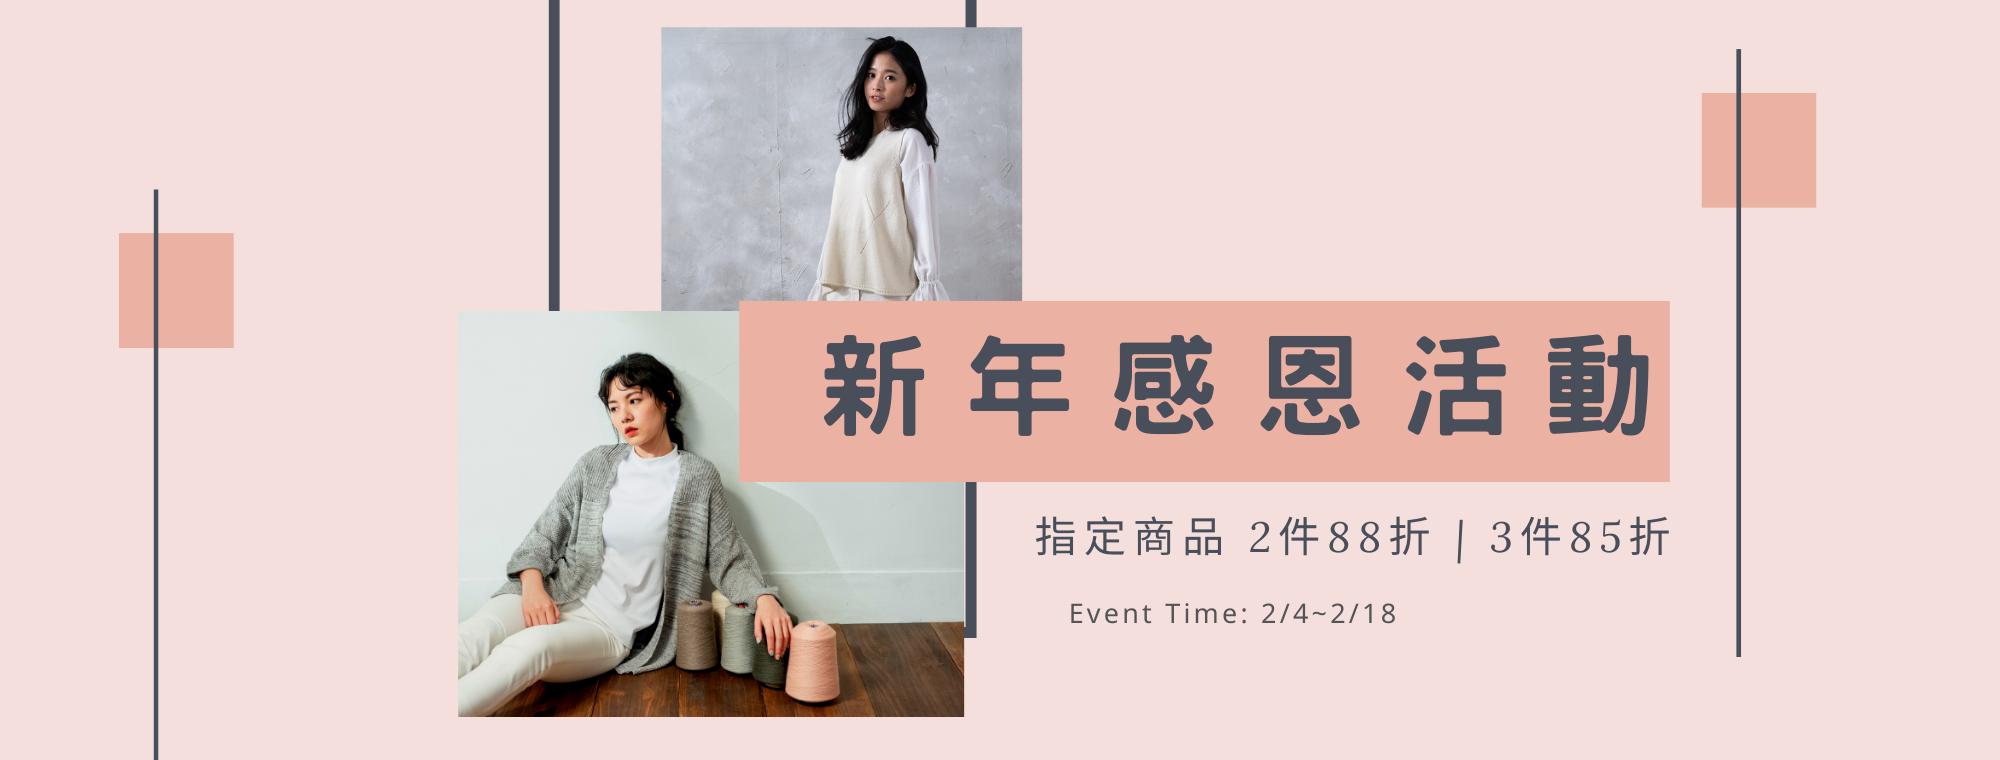 台灣製女裝品牌-MIT針織衫感恩活動